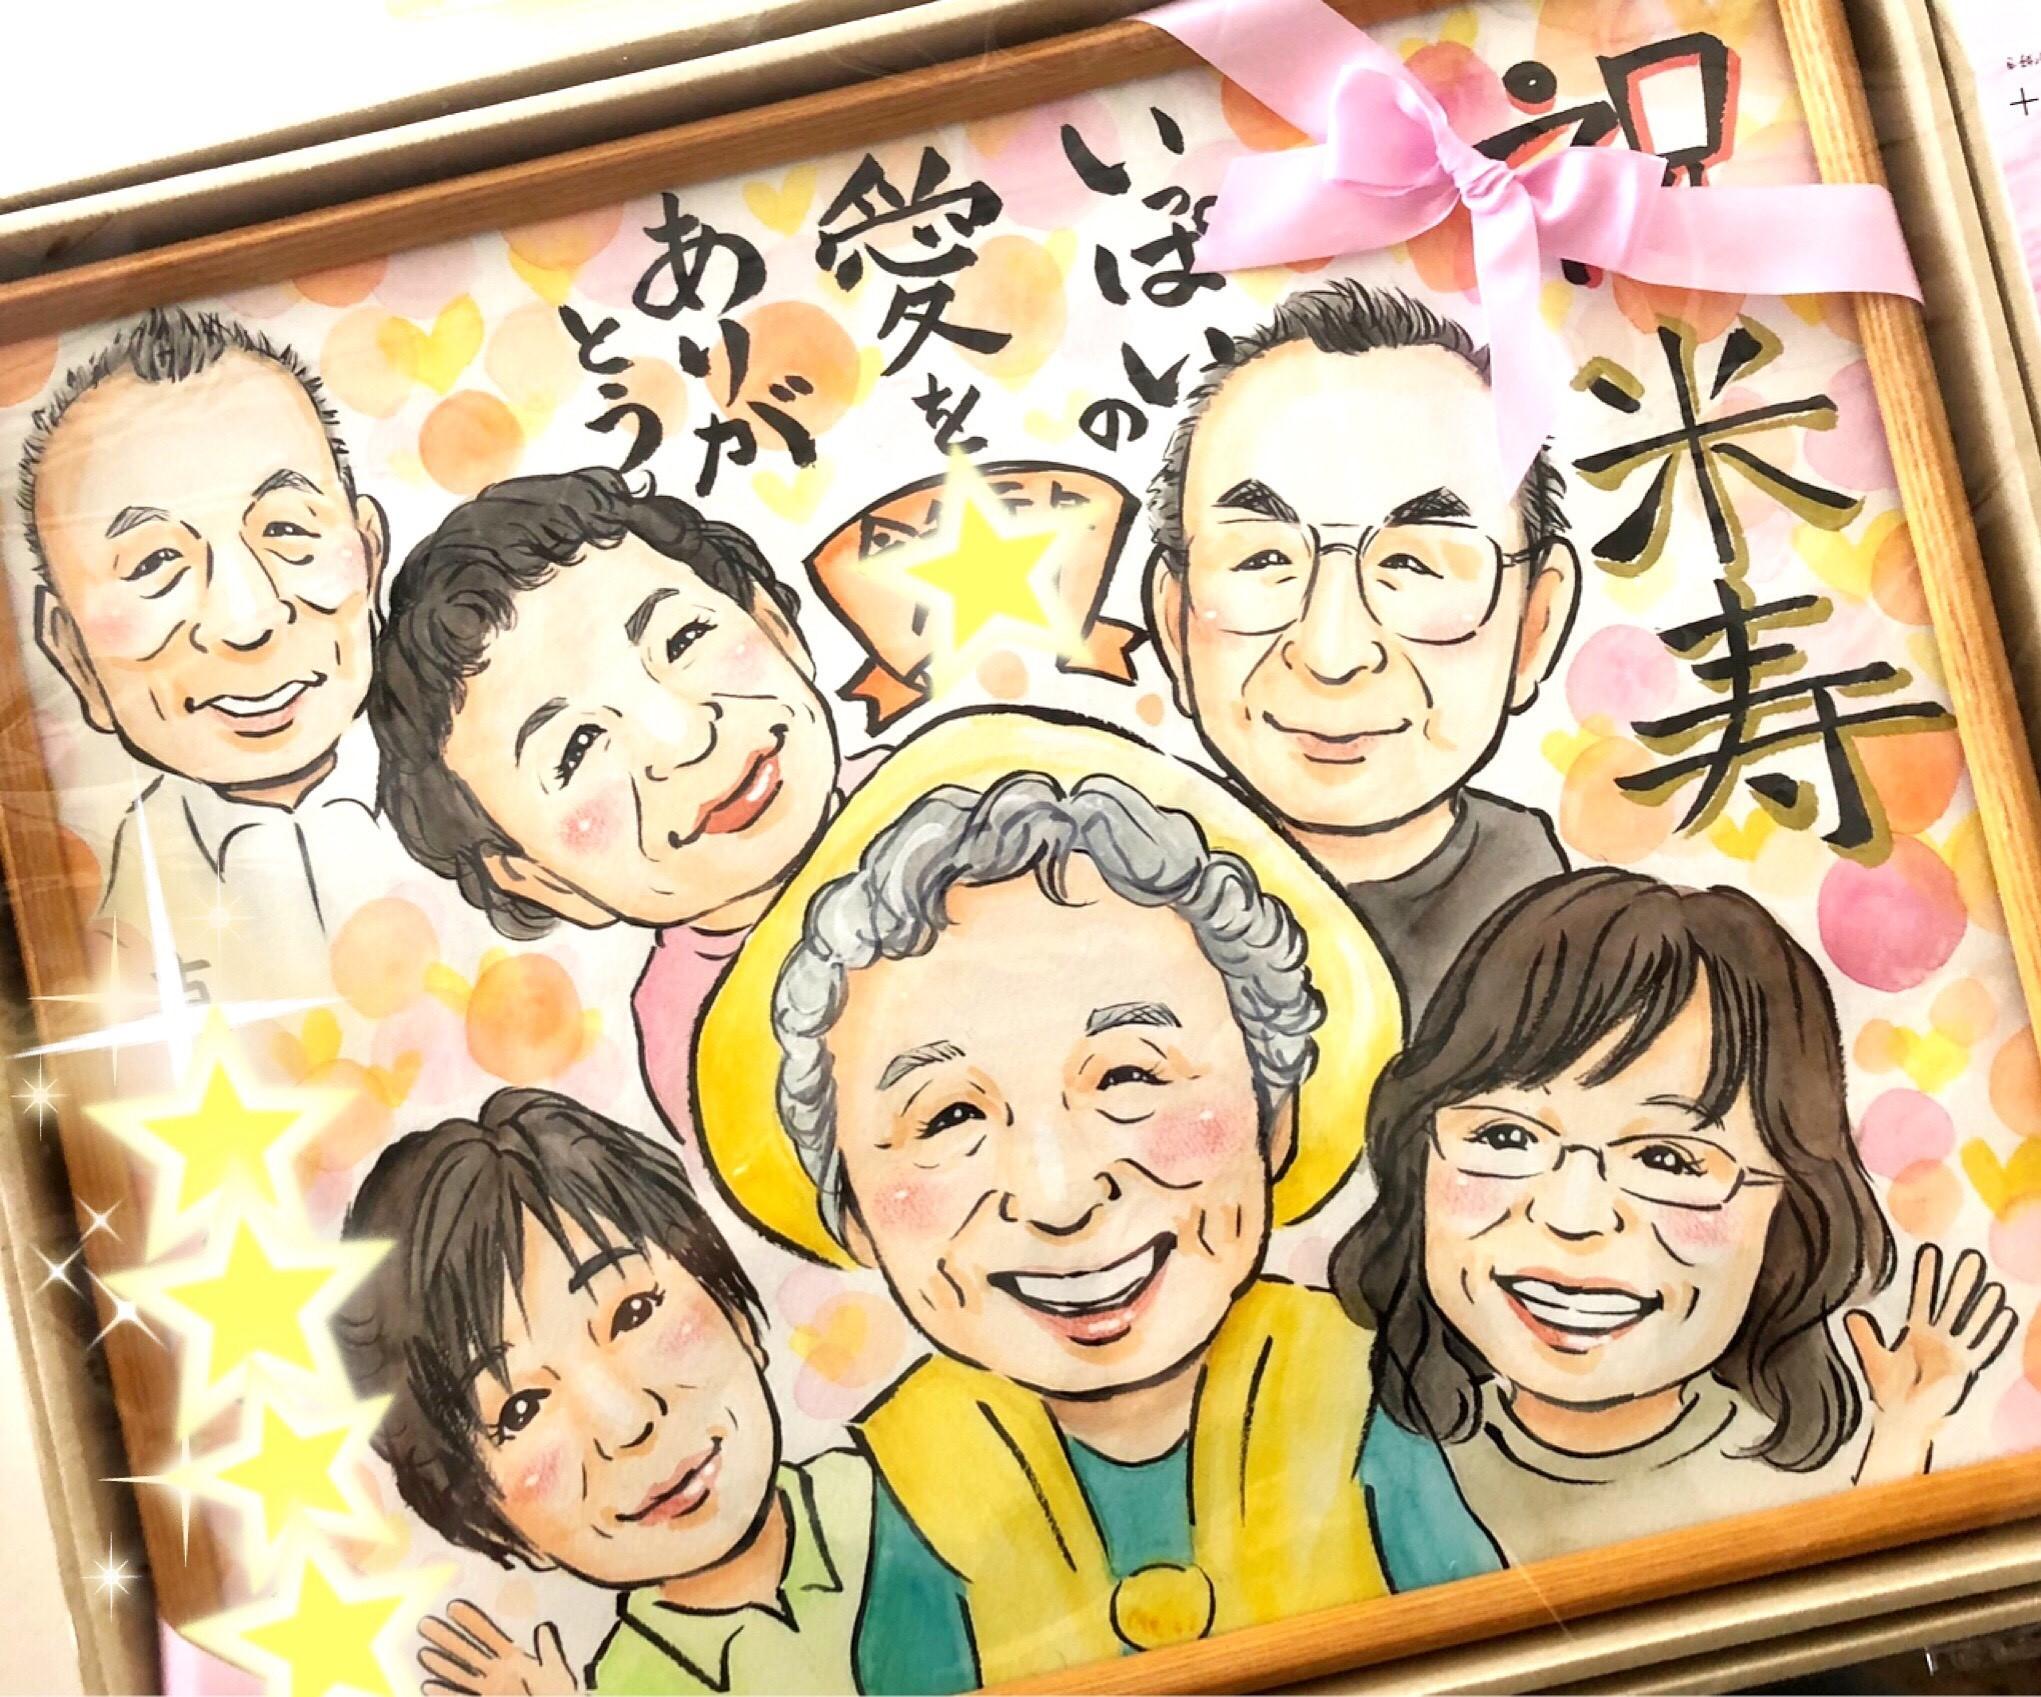 米寿祝いに人気の似顔絵